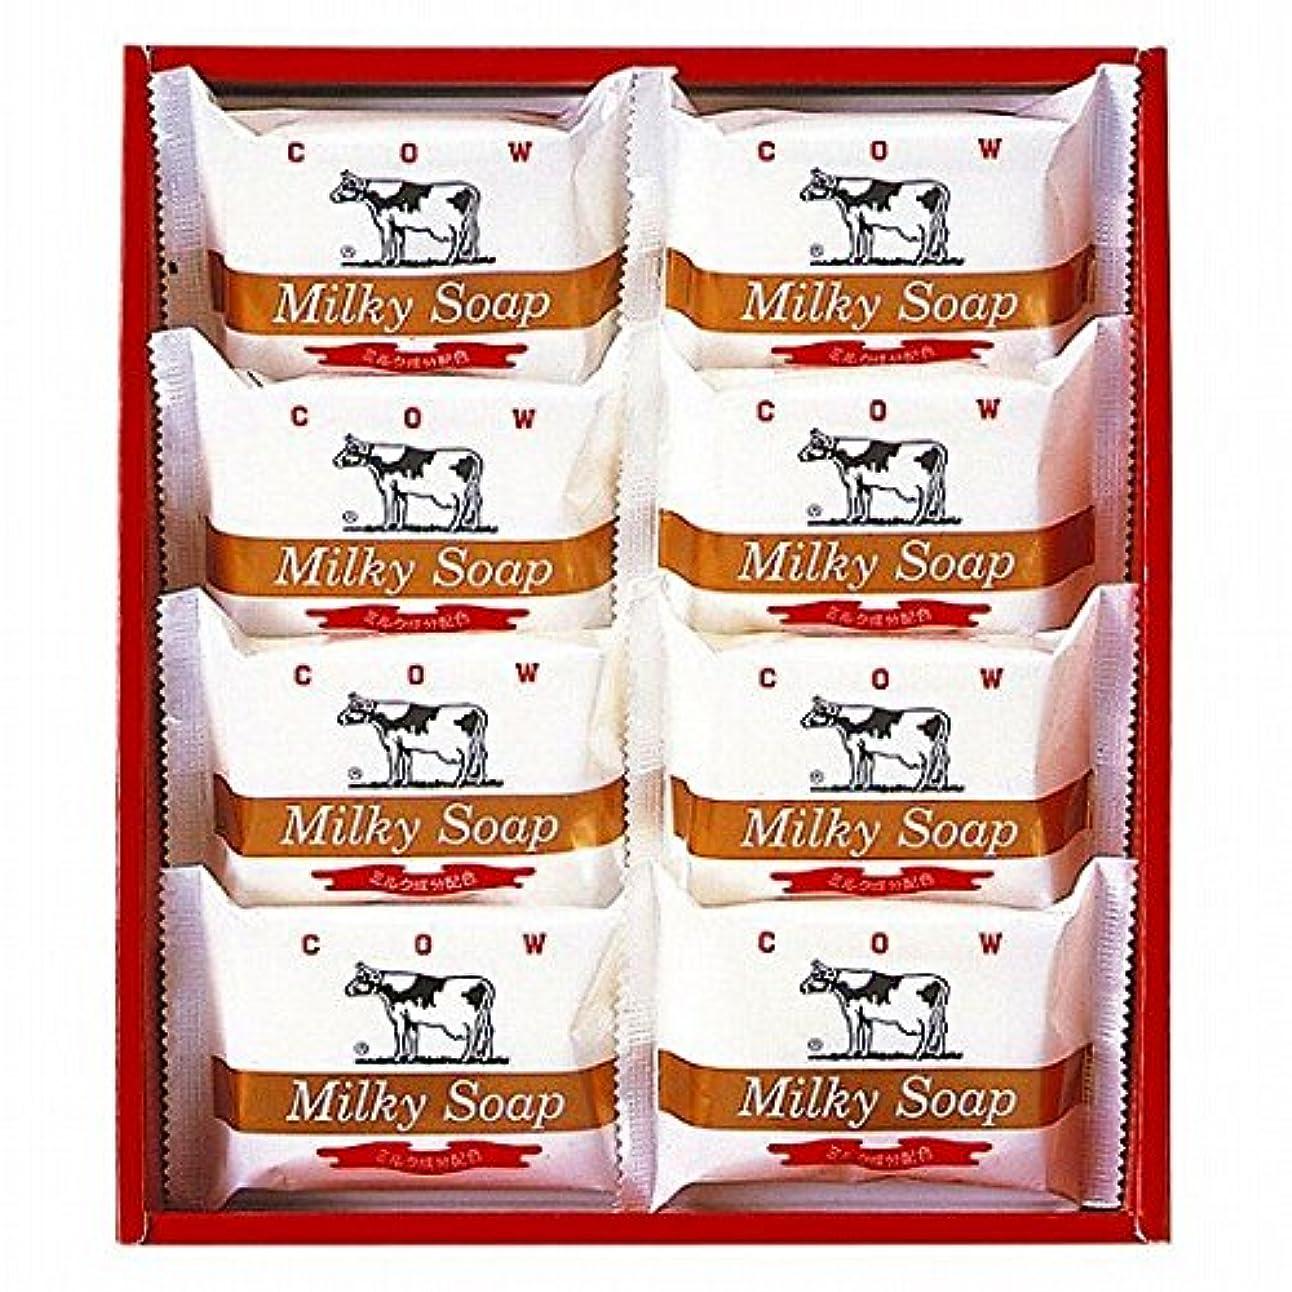 エクスタシーローラーヨーロッパnobrand 牛乳石鹸 ゴールドソープセット (21940004)